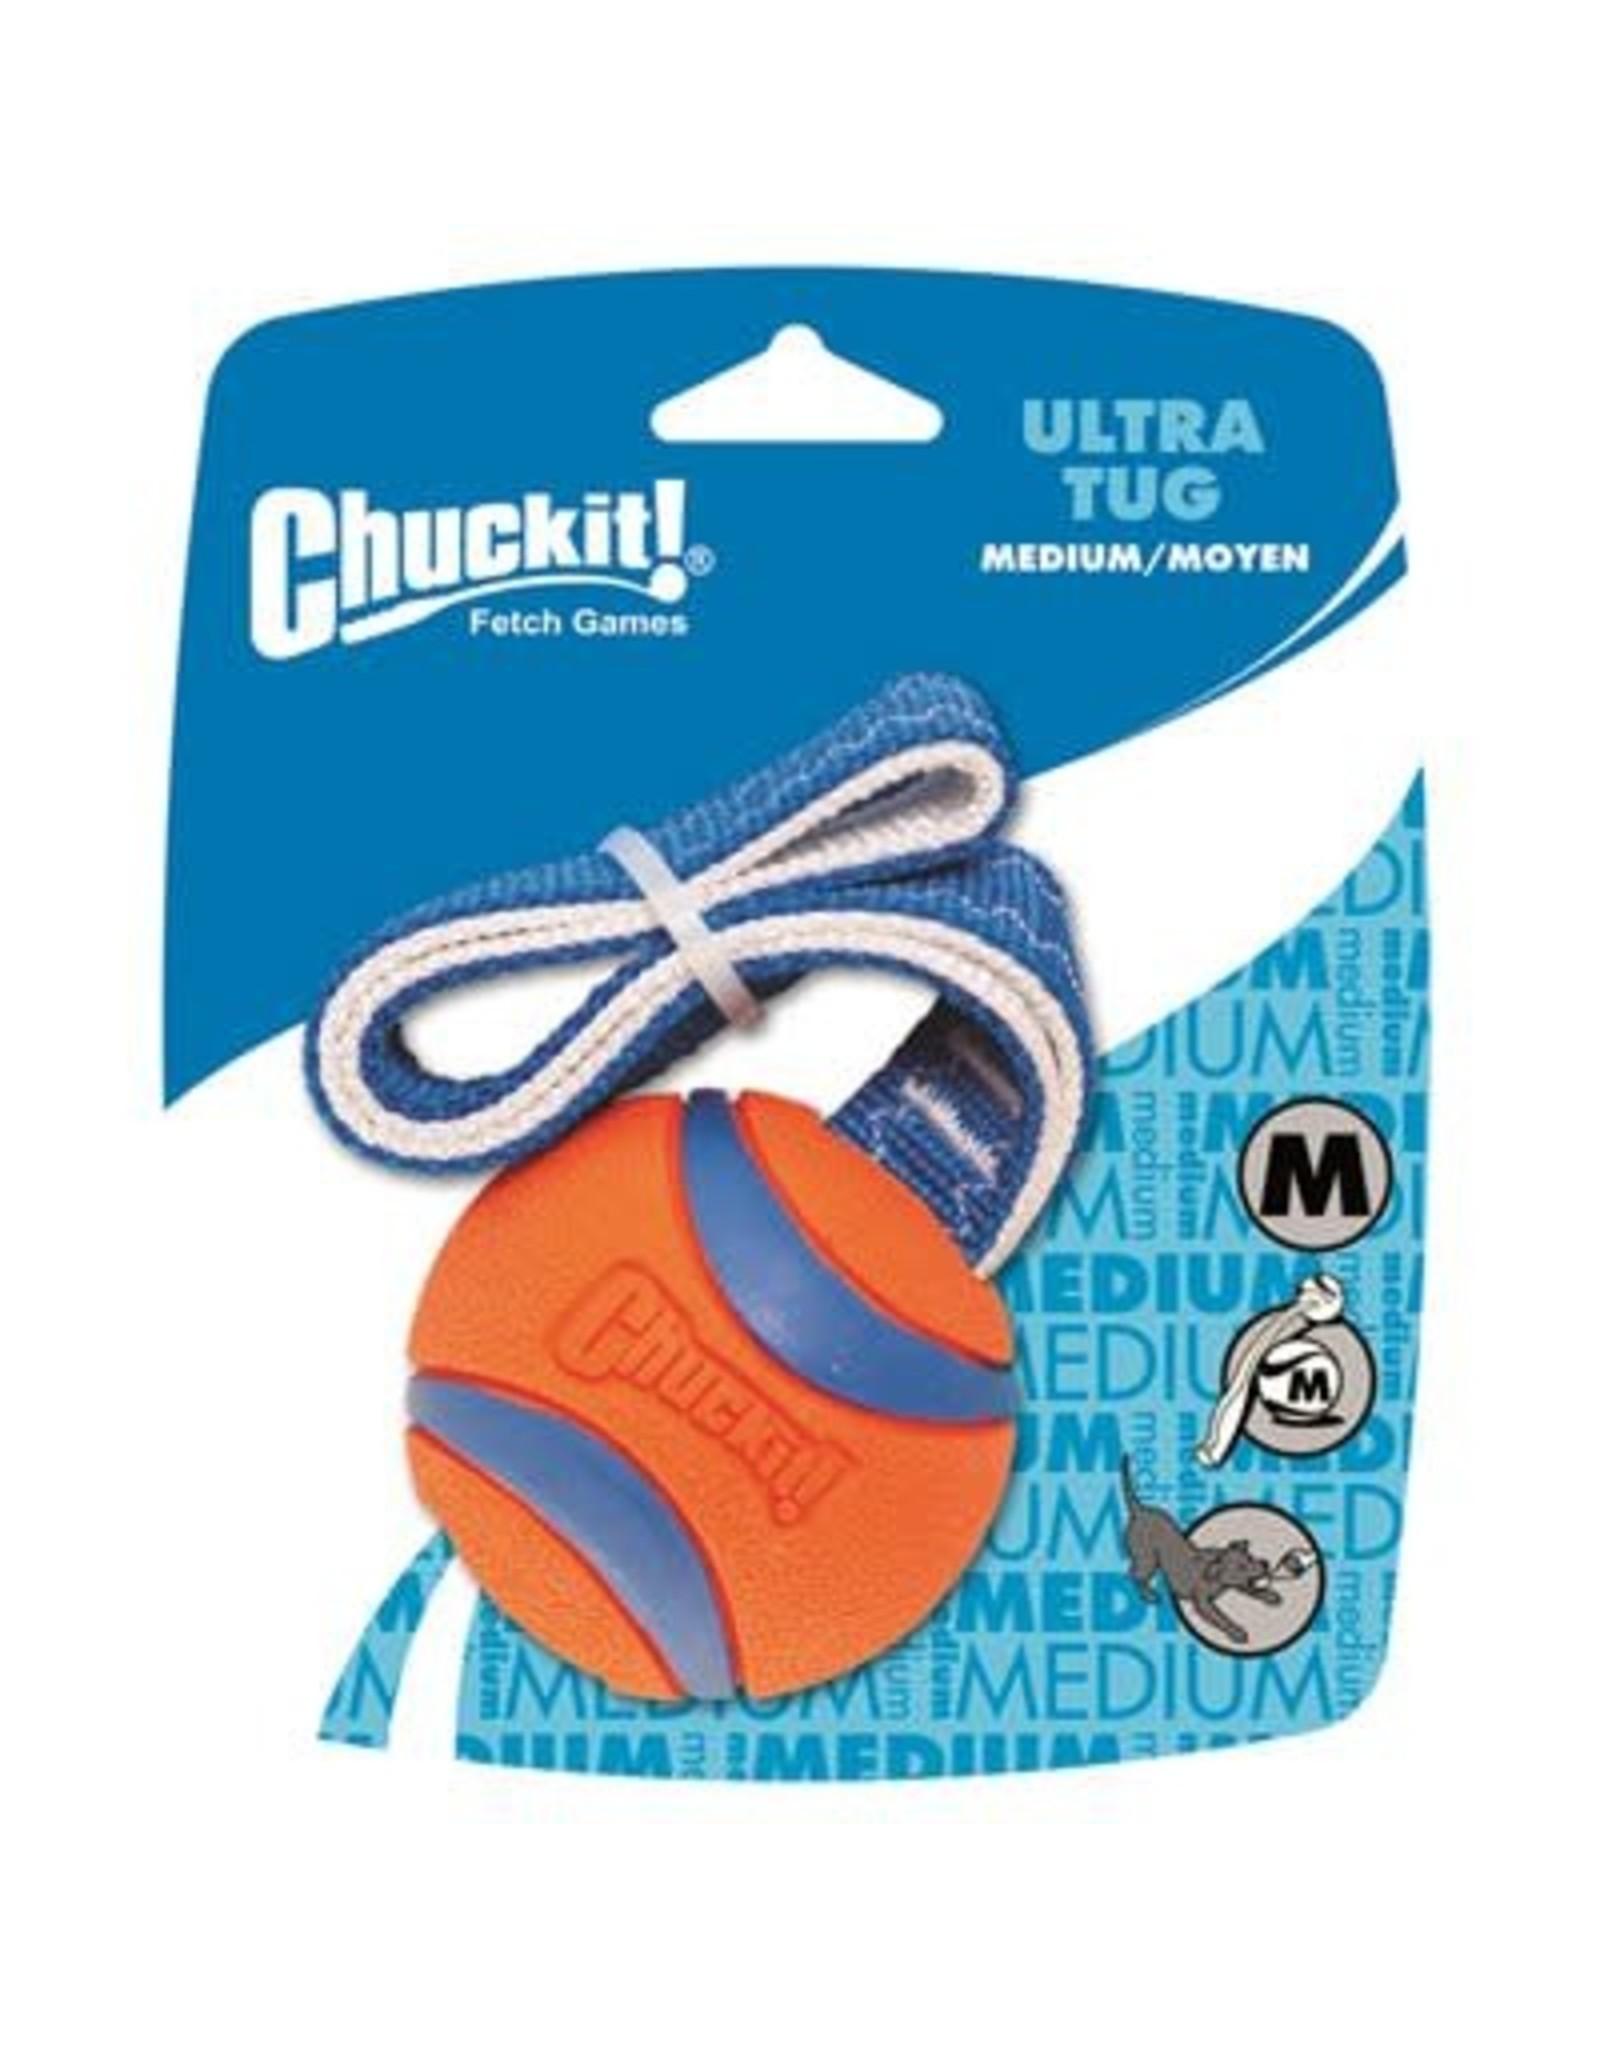 Chuck-It Chuck-It Ultra Tug M